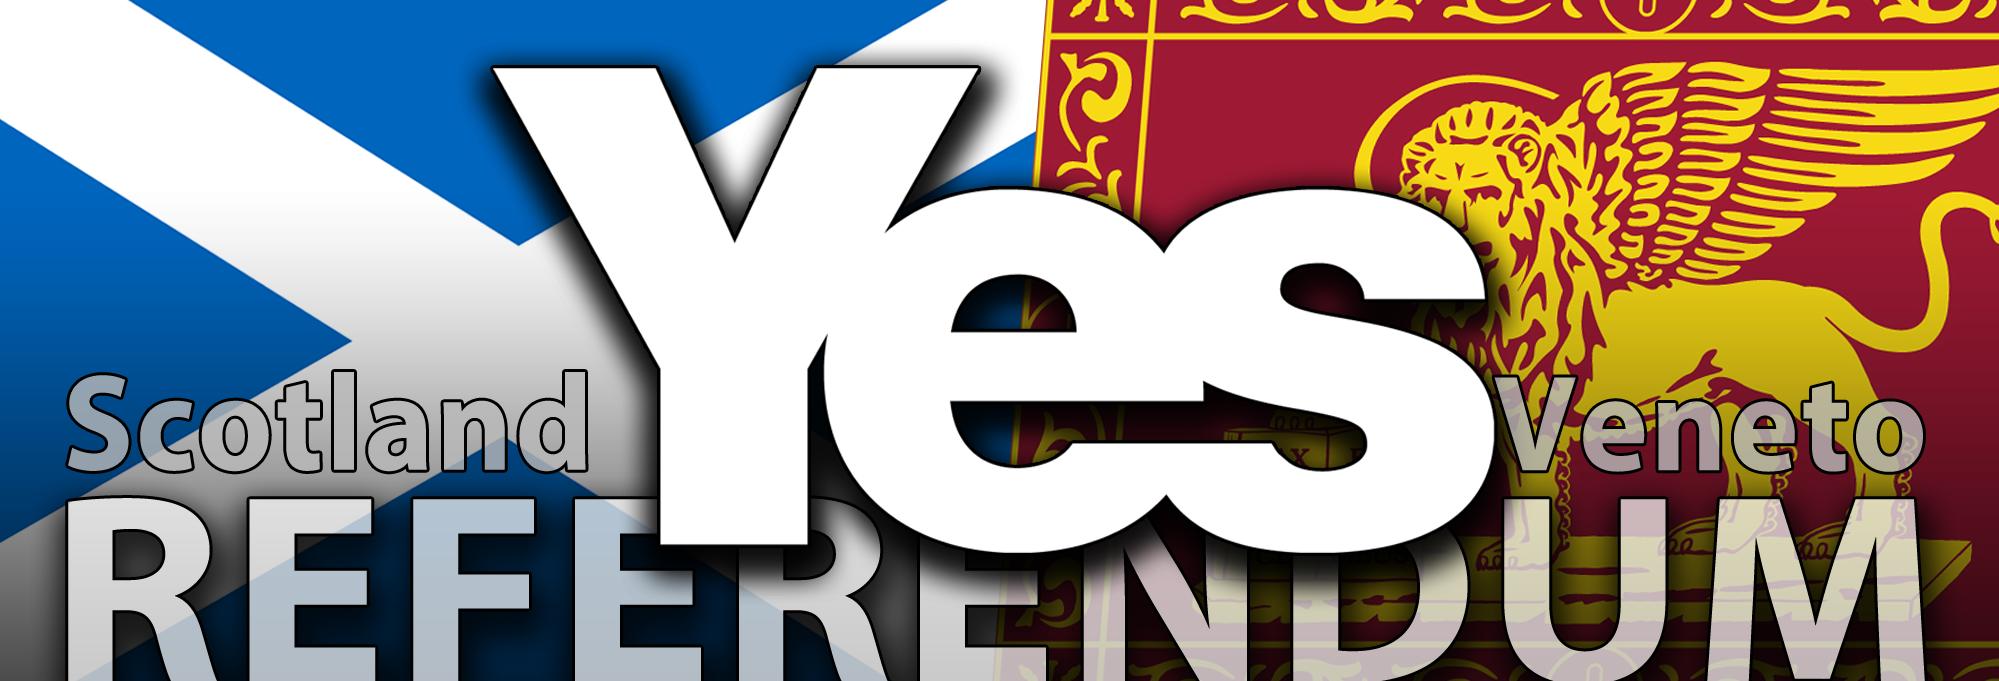 YES_ScotlandVeneto